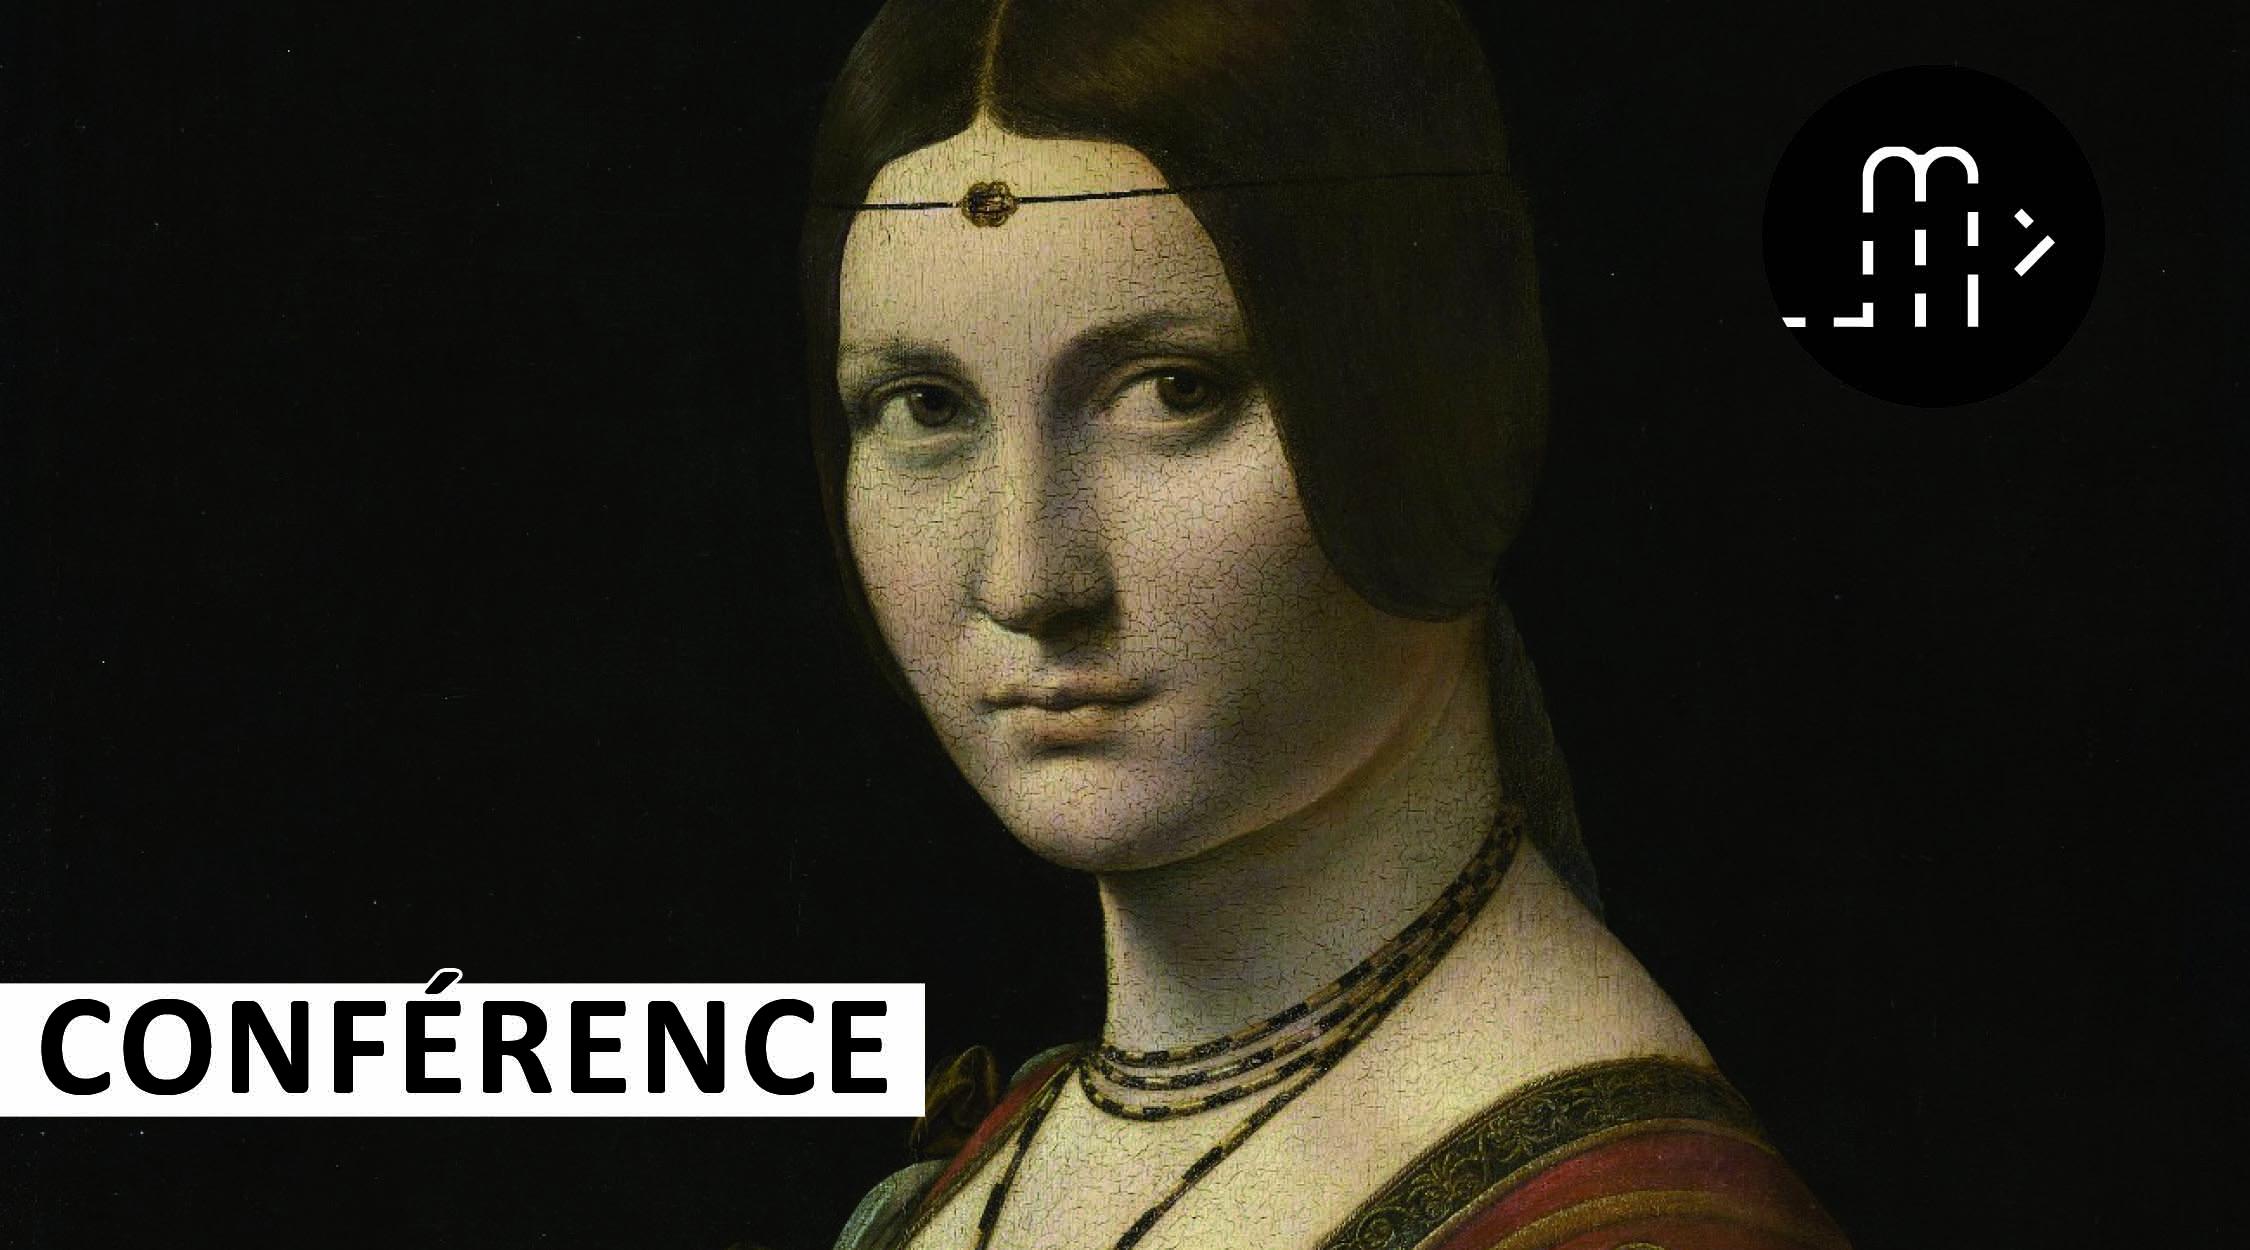 Suivez le guide : Léonard de Vinci